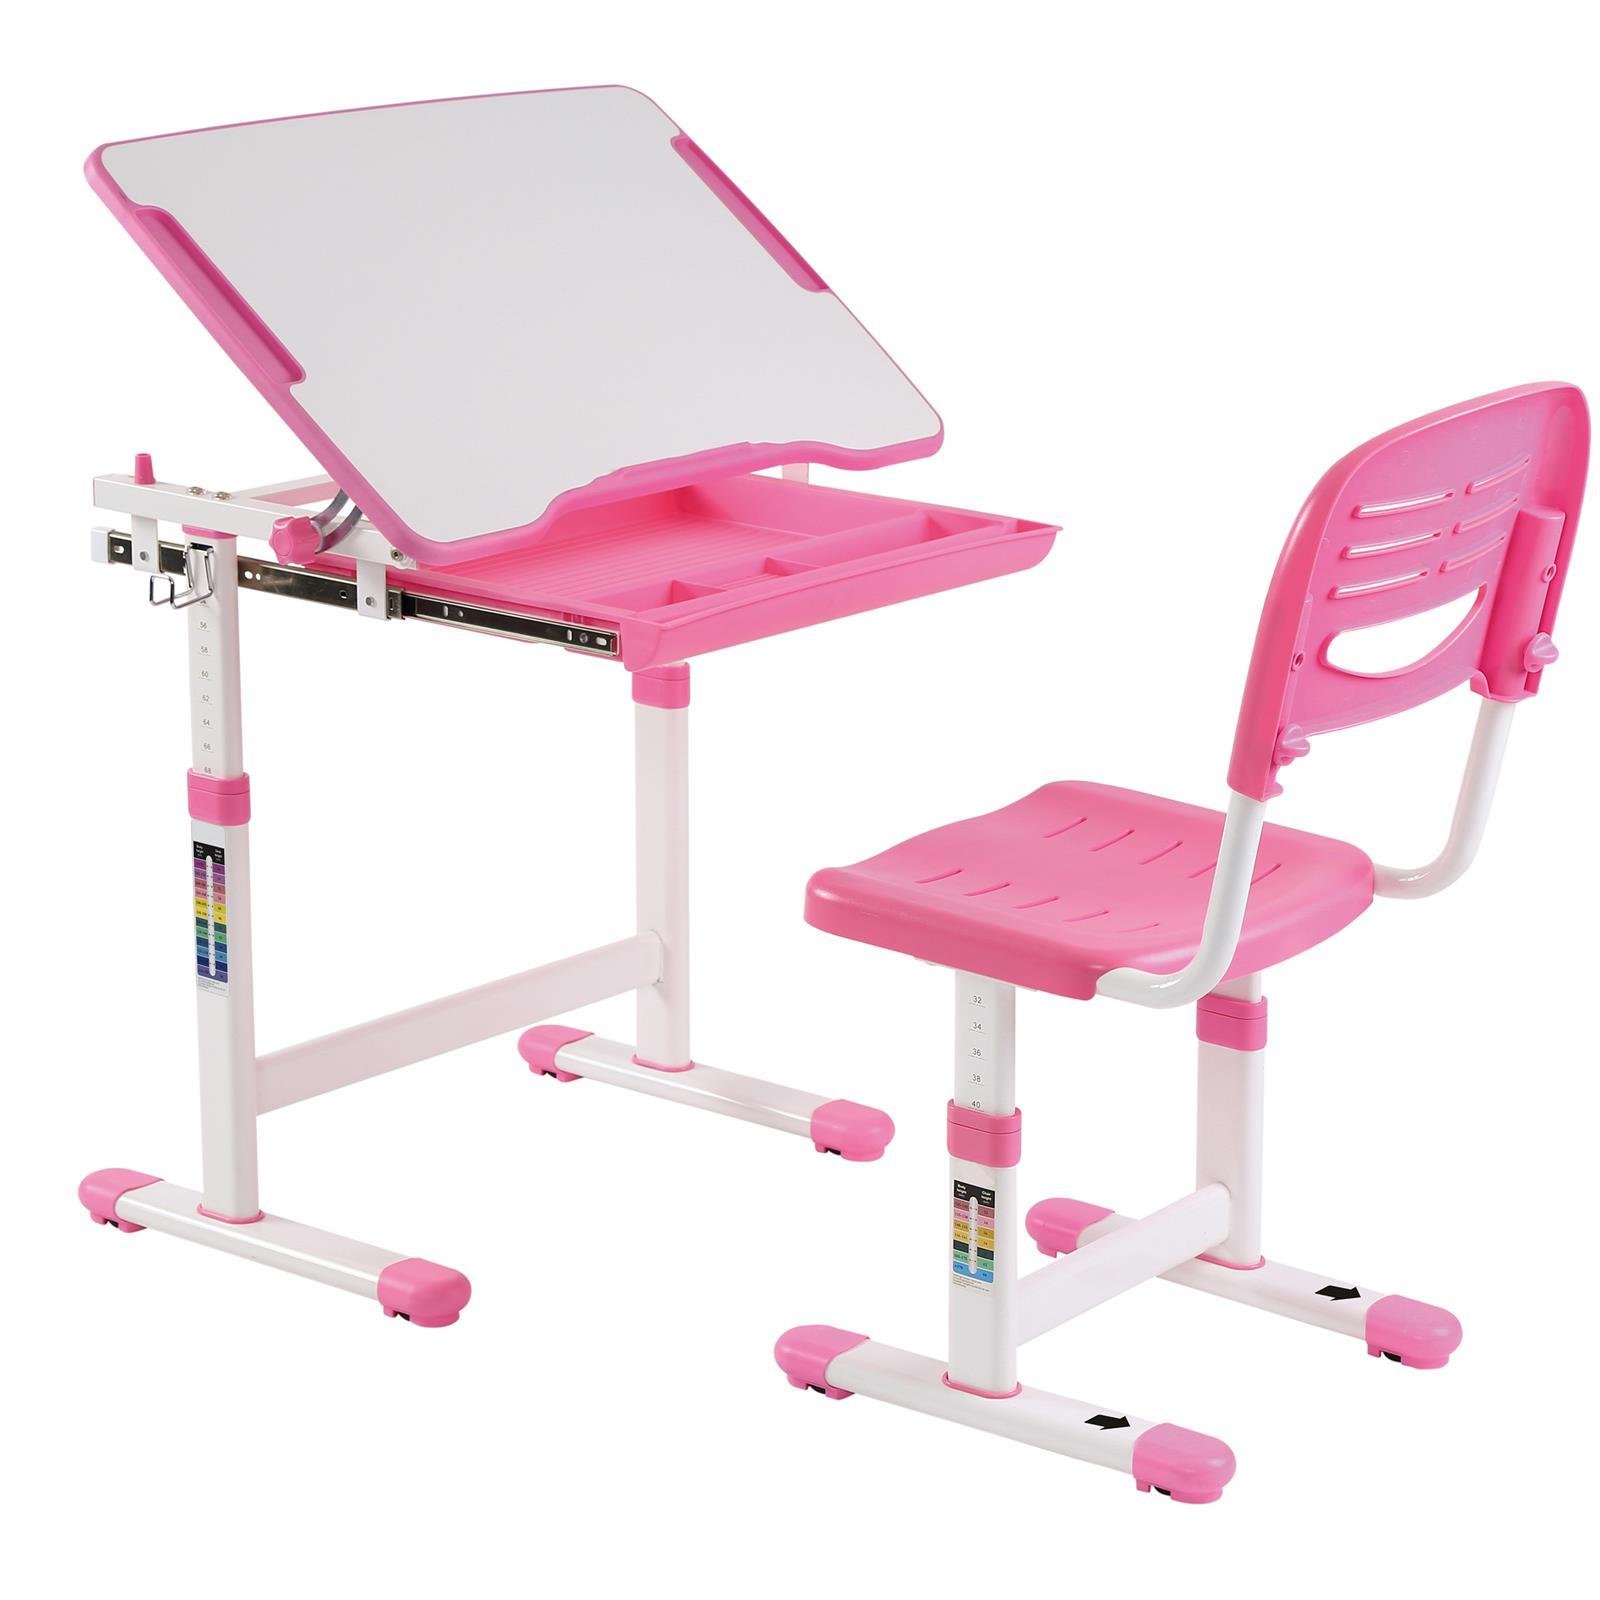 ensemble bureau et chaise pour enfant alumno rose. Black Bedroom Furniture Sets. Home Design Ideas